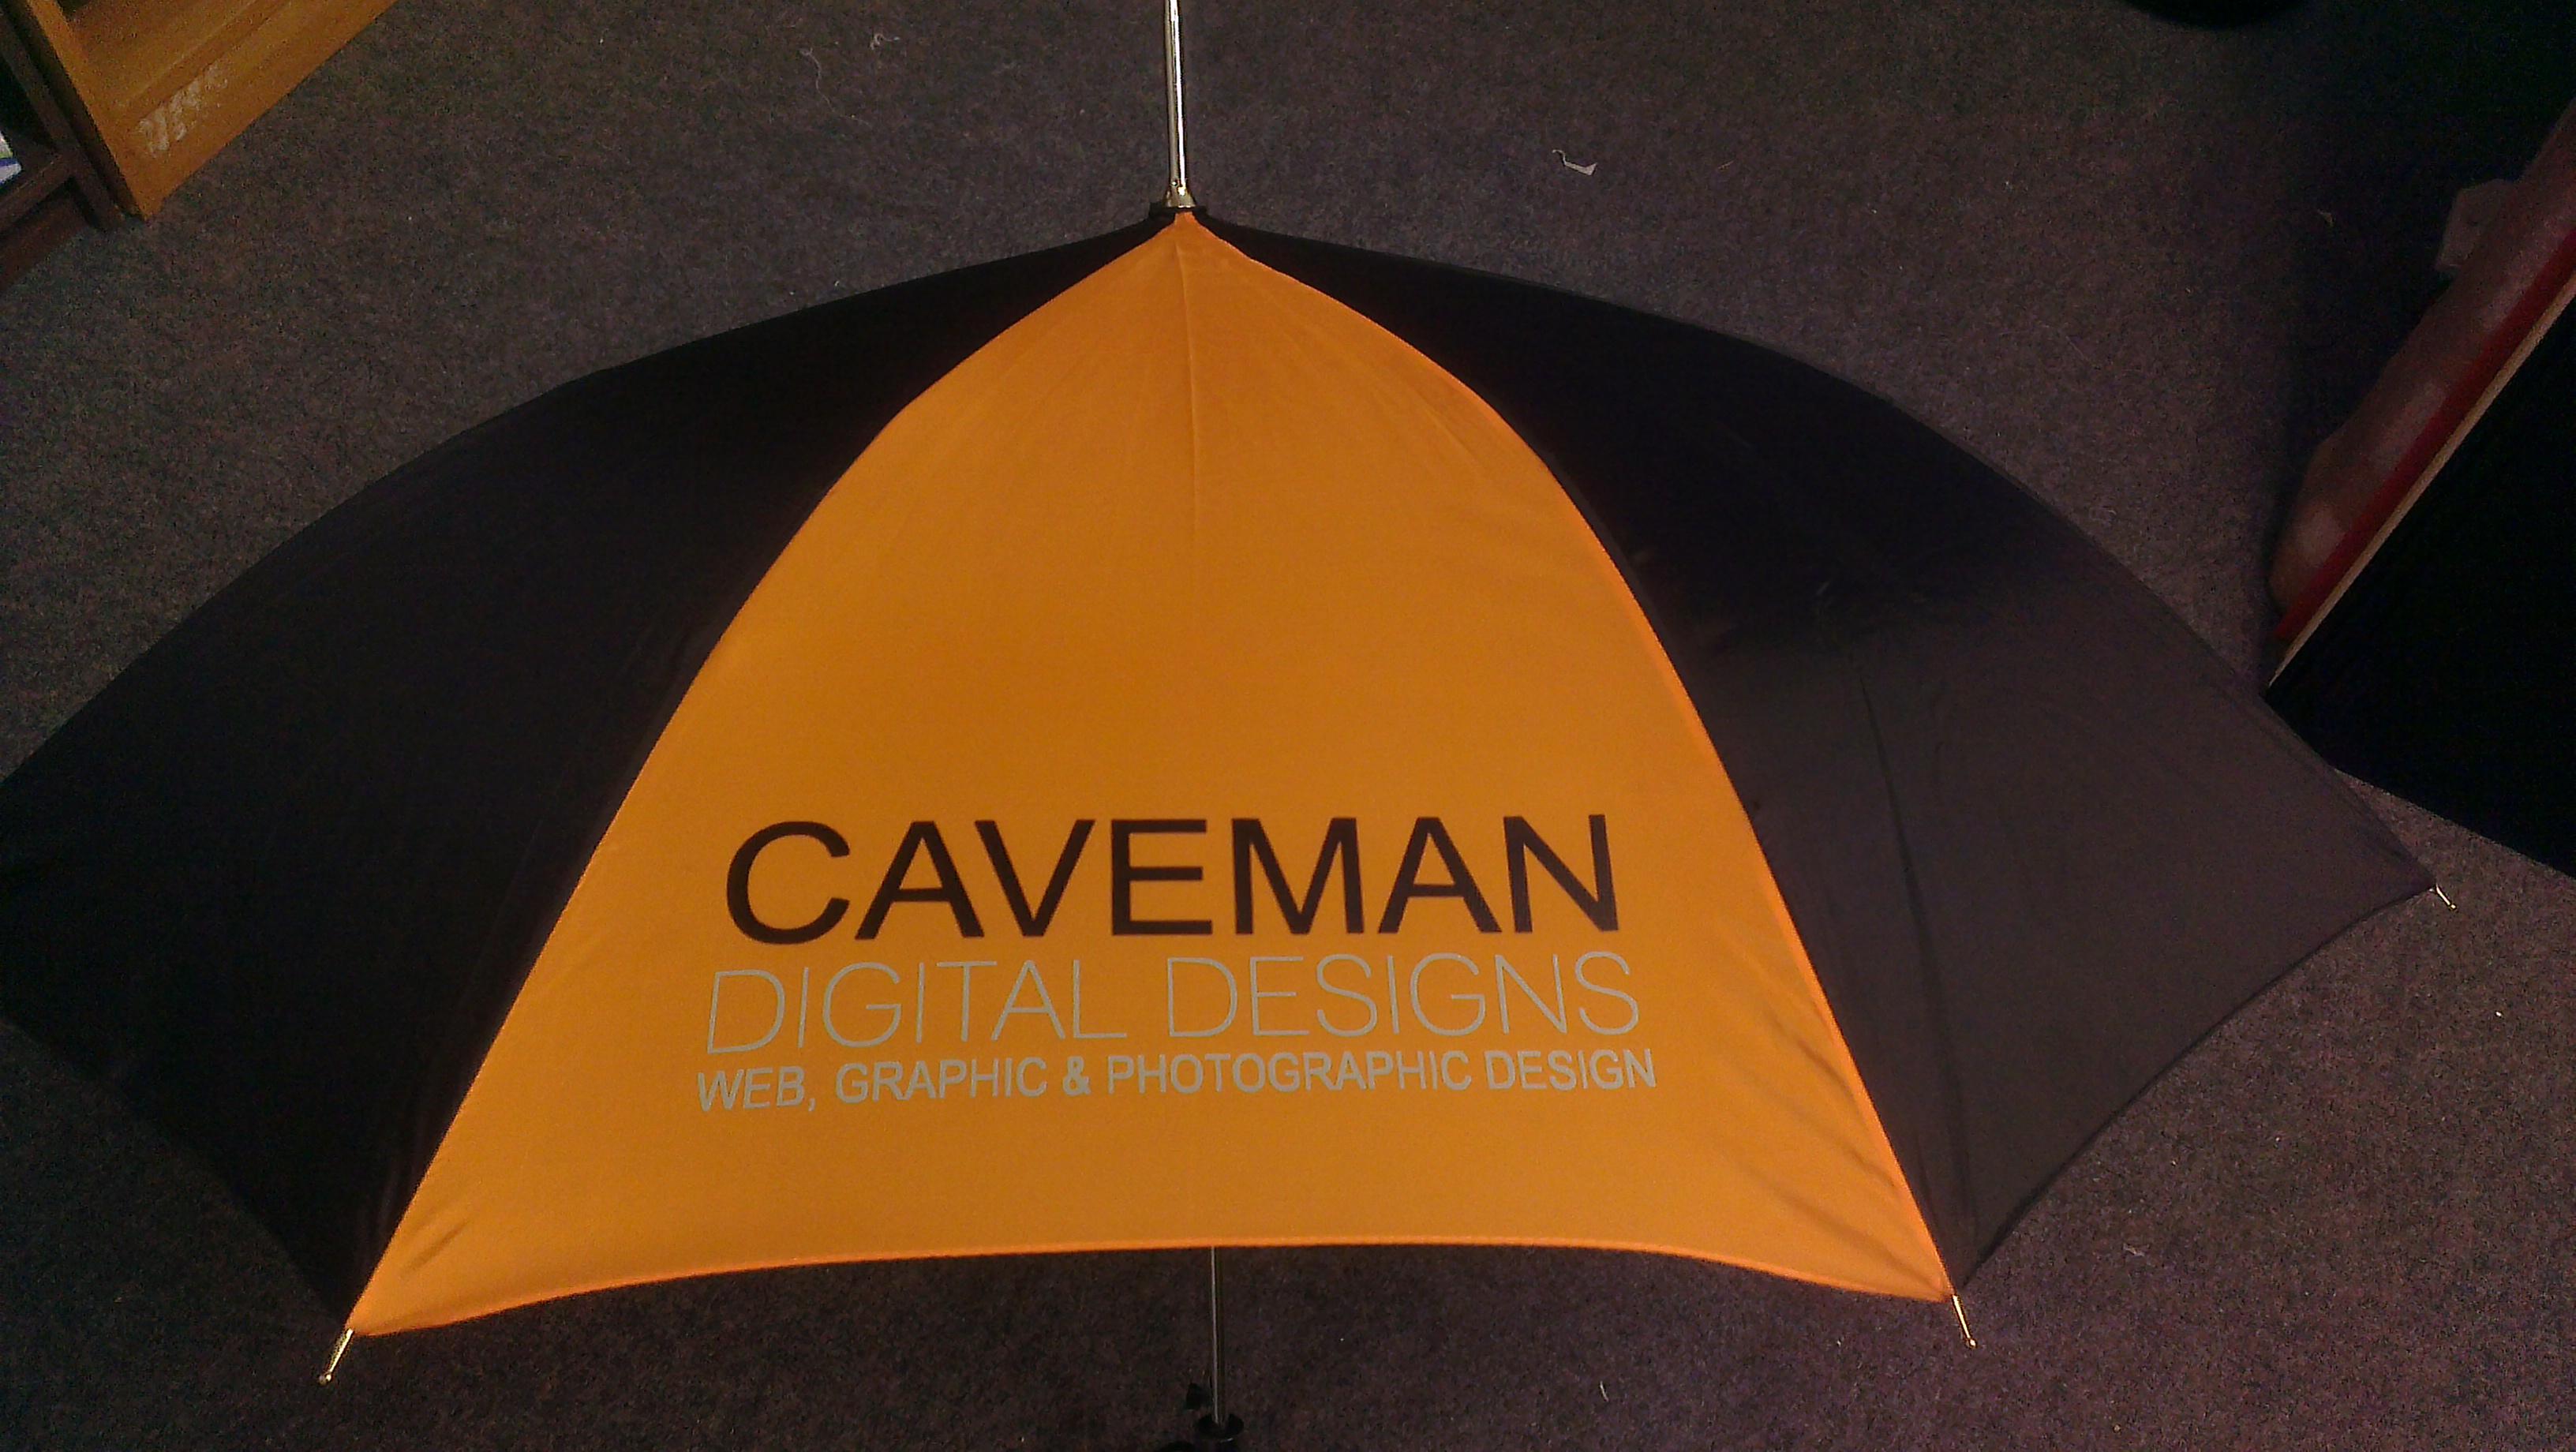 Caveman - Umbrella